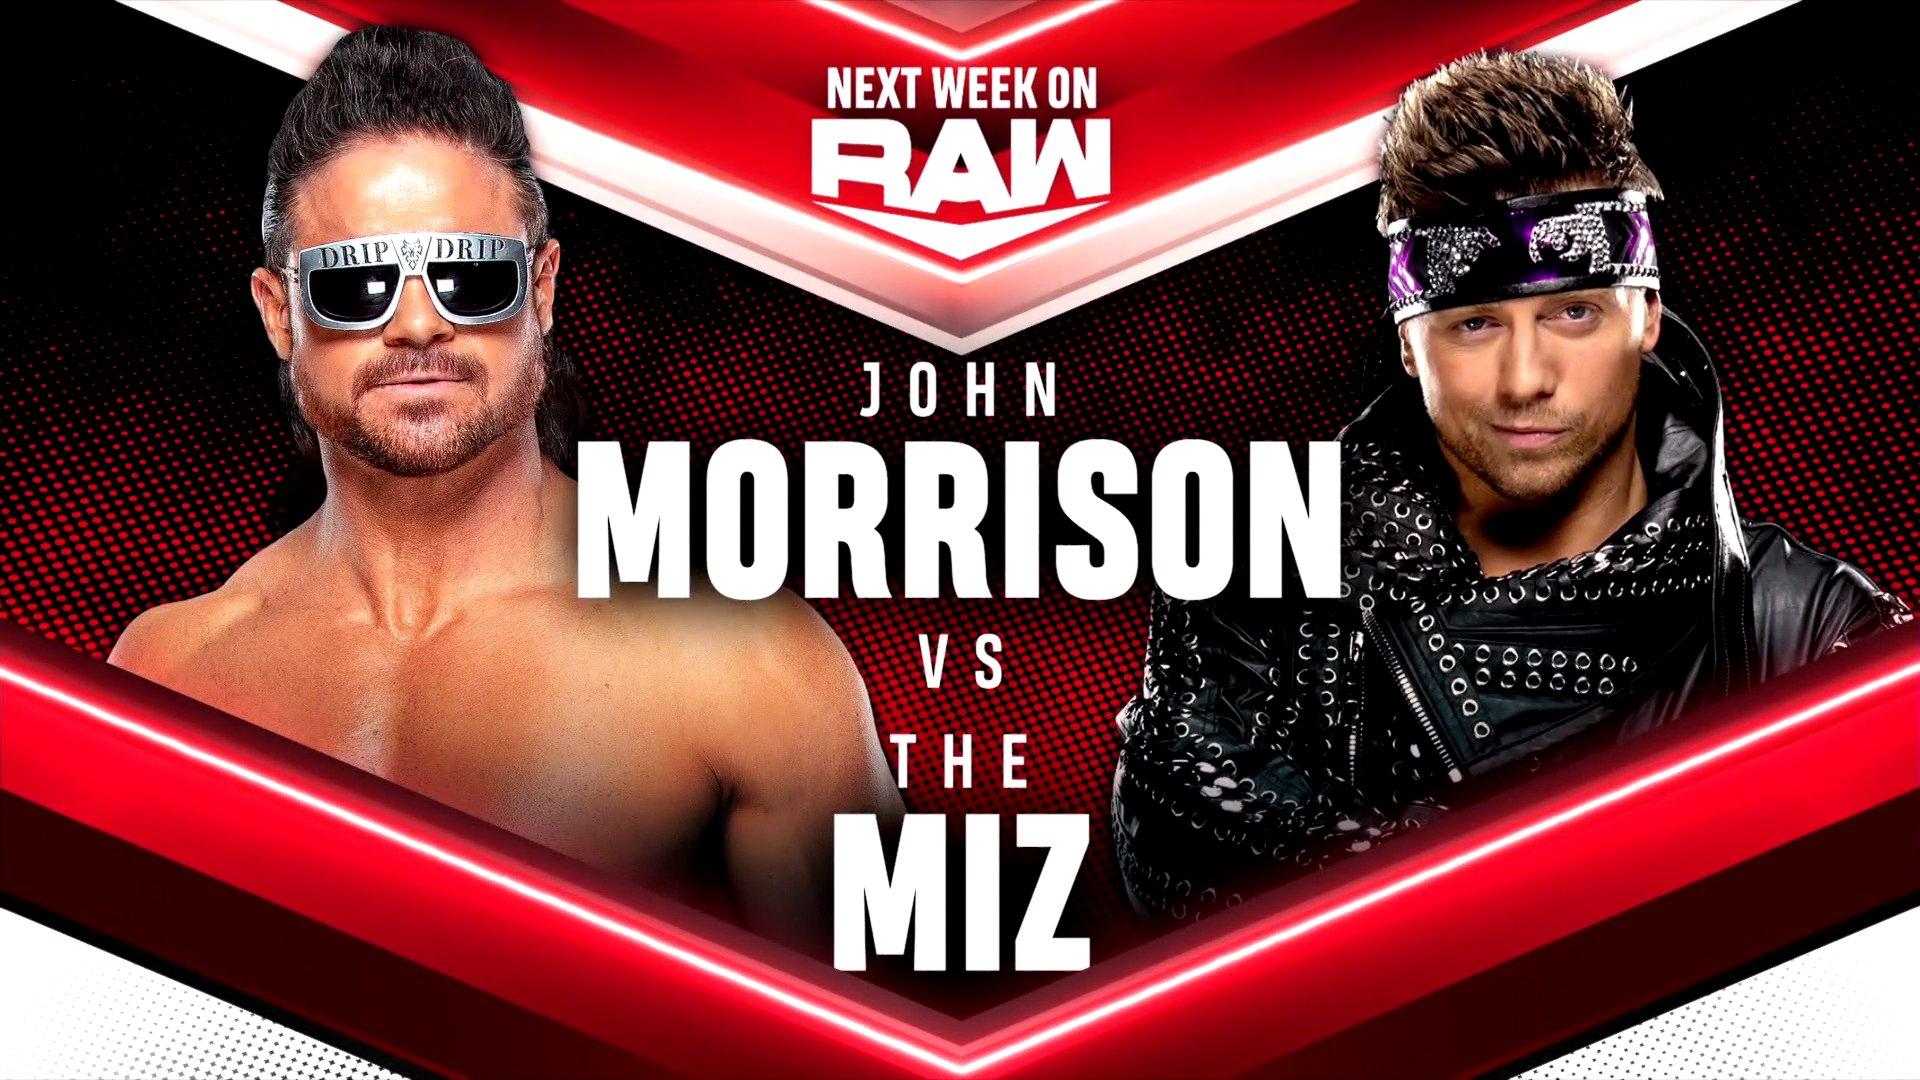 WWE Raw Preview (30/08/21): Bobby Lashley In Action; Miz Vs. Morrison 15